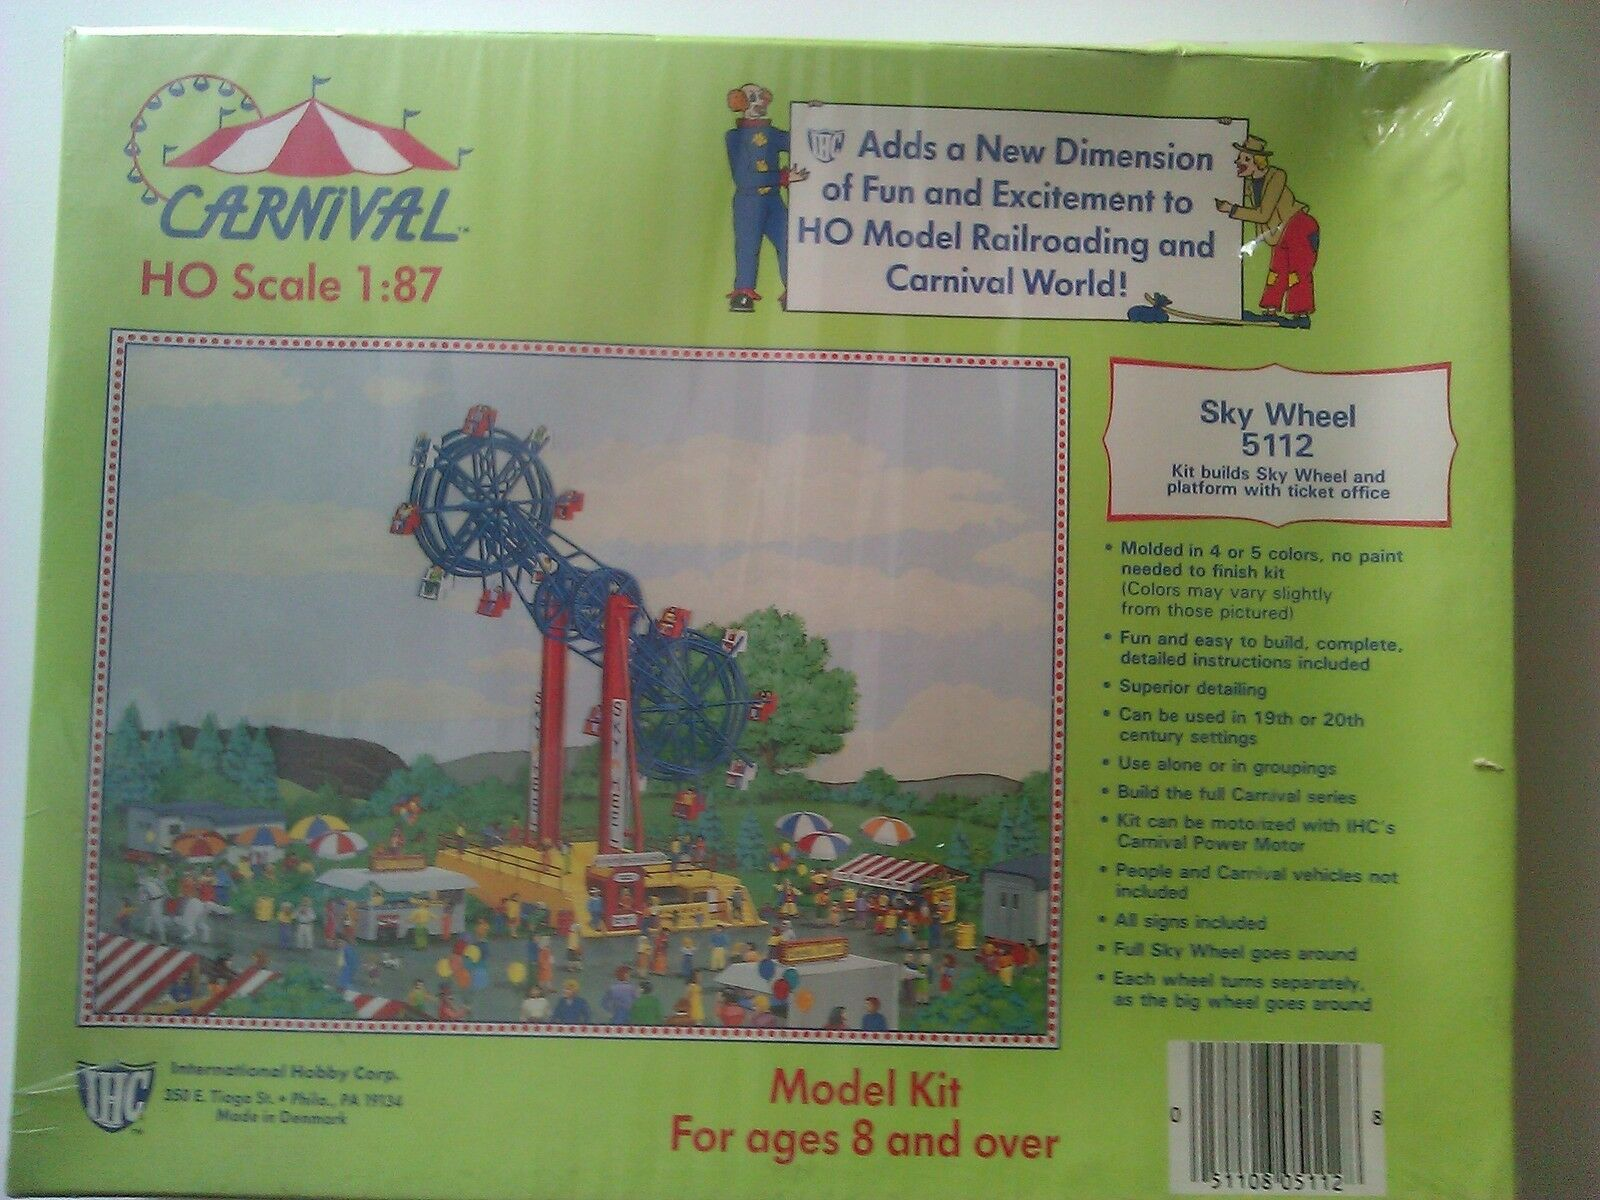 International Hobby Corp. 1 87 HO Carnival Sky Wheel Factory Sealed